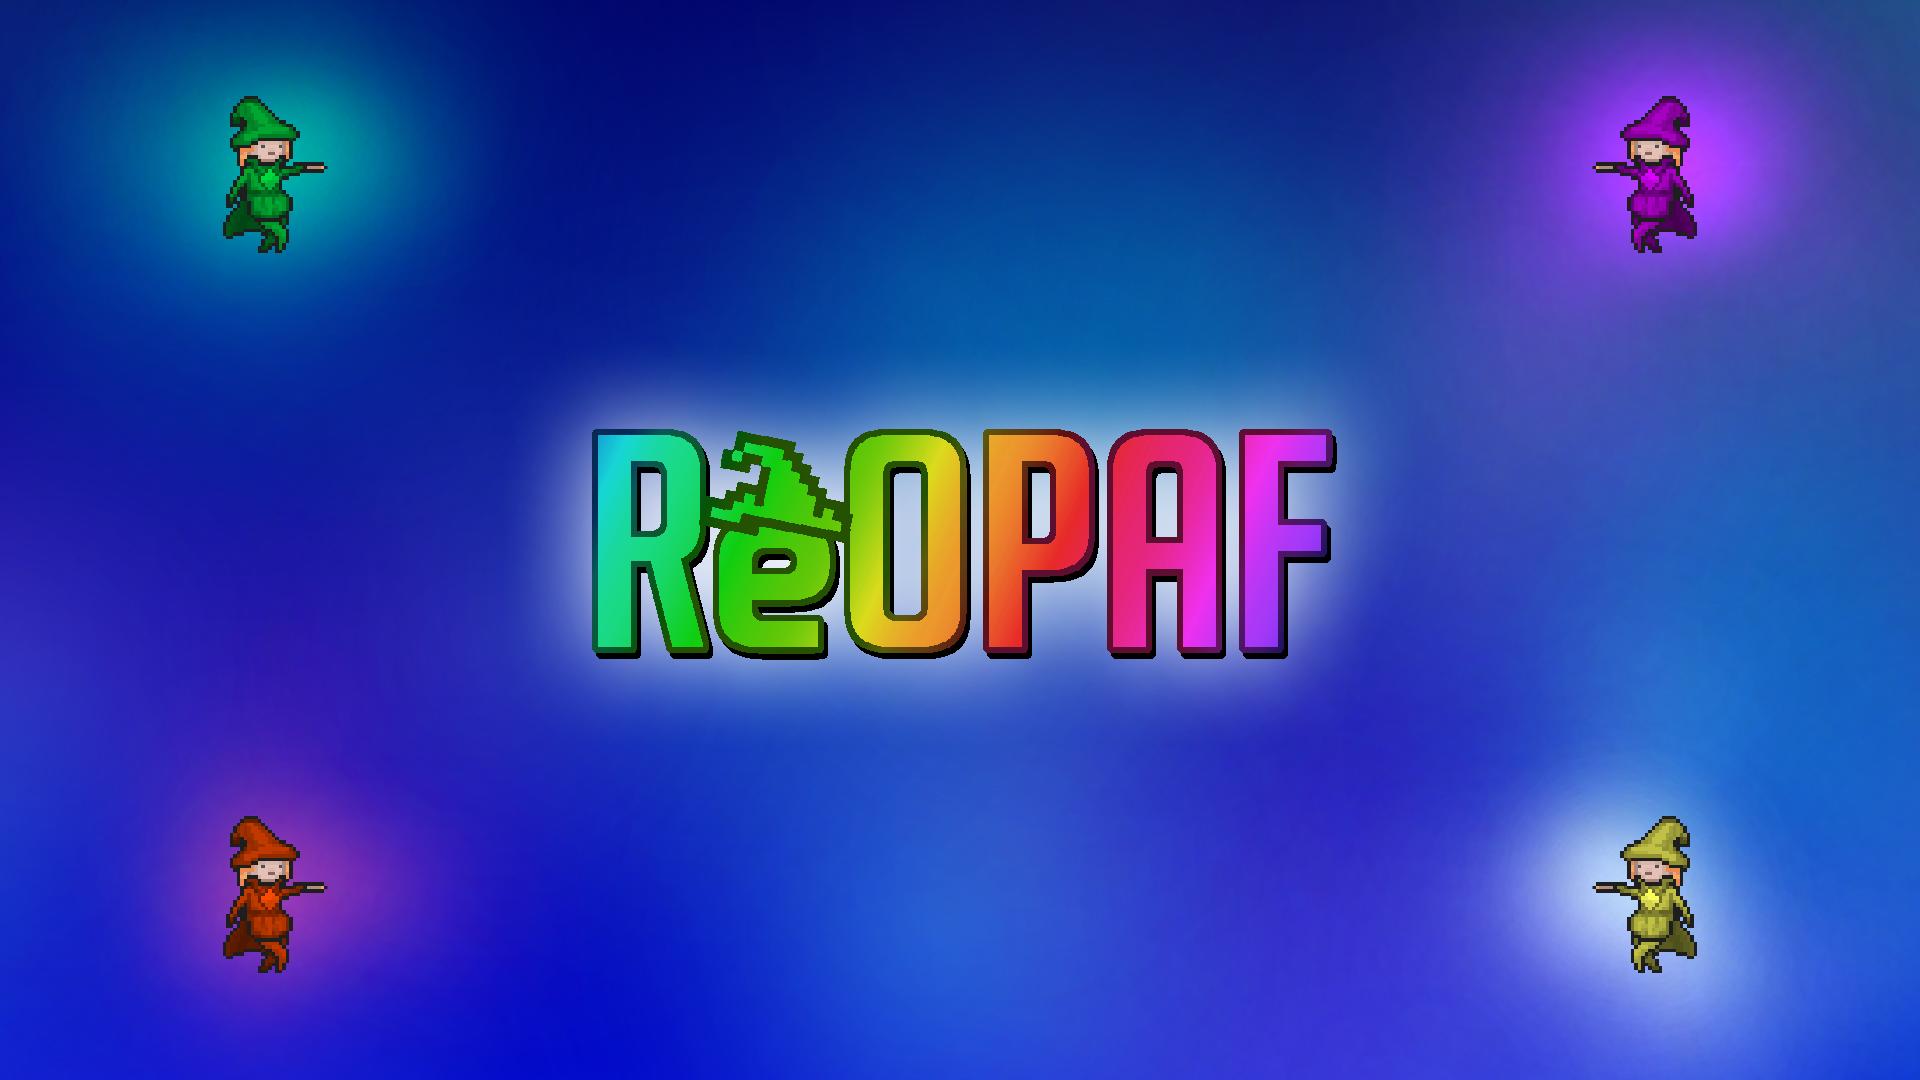 ReOPAF